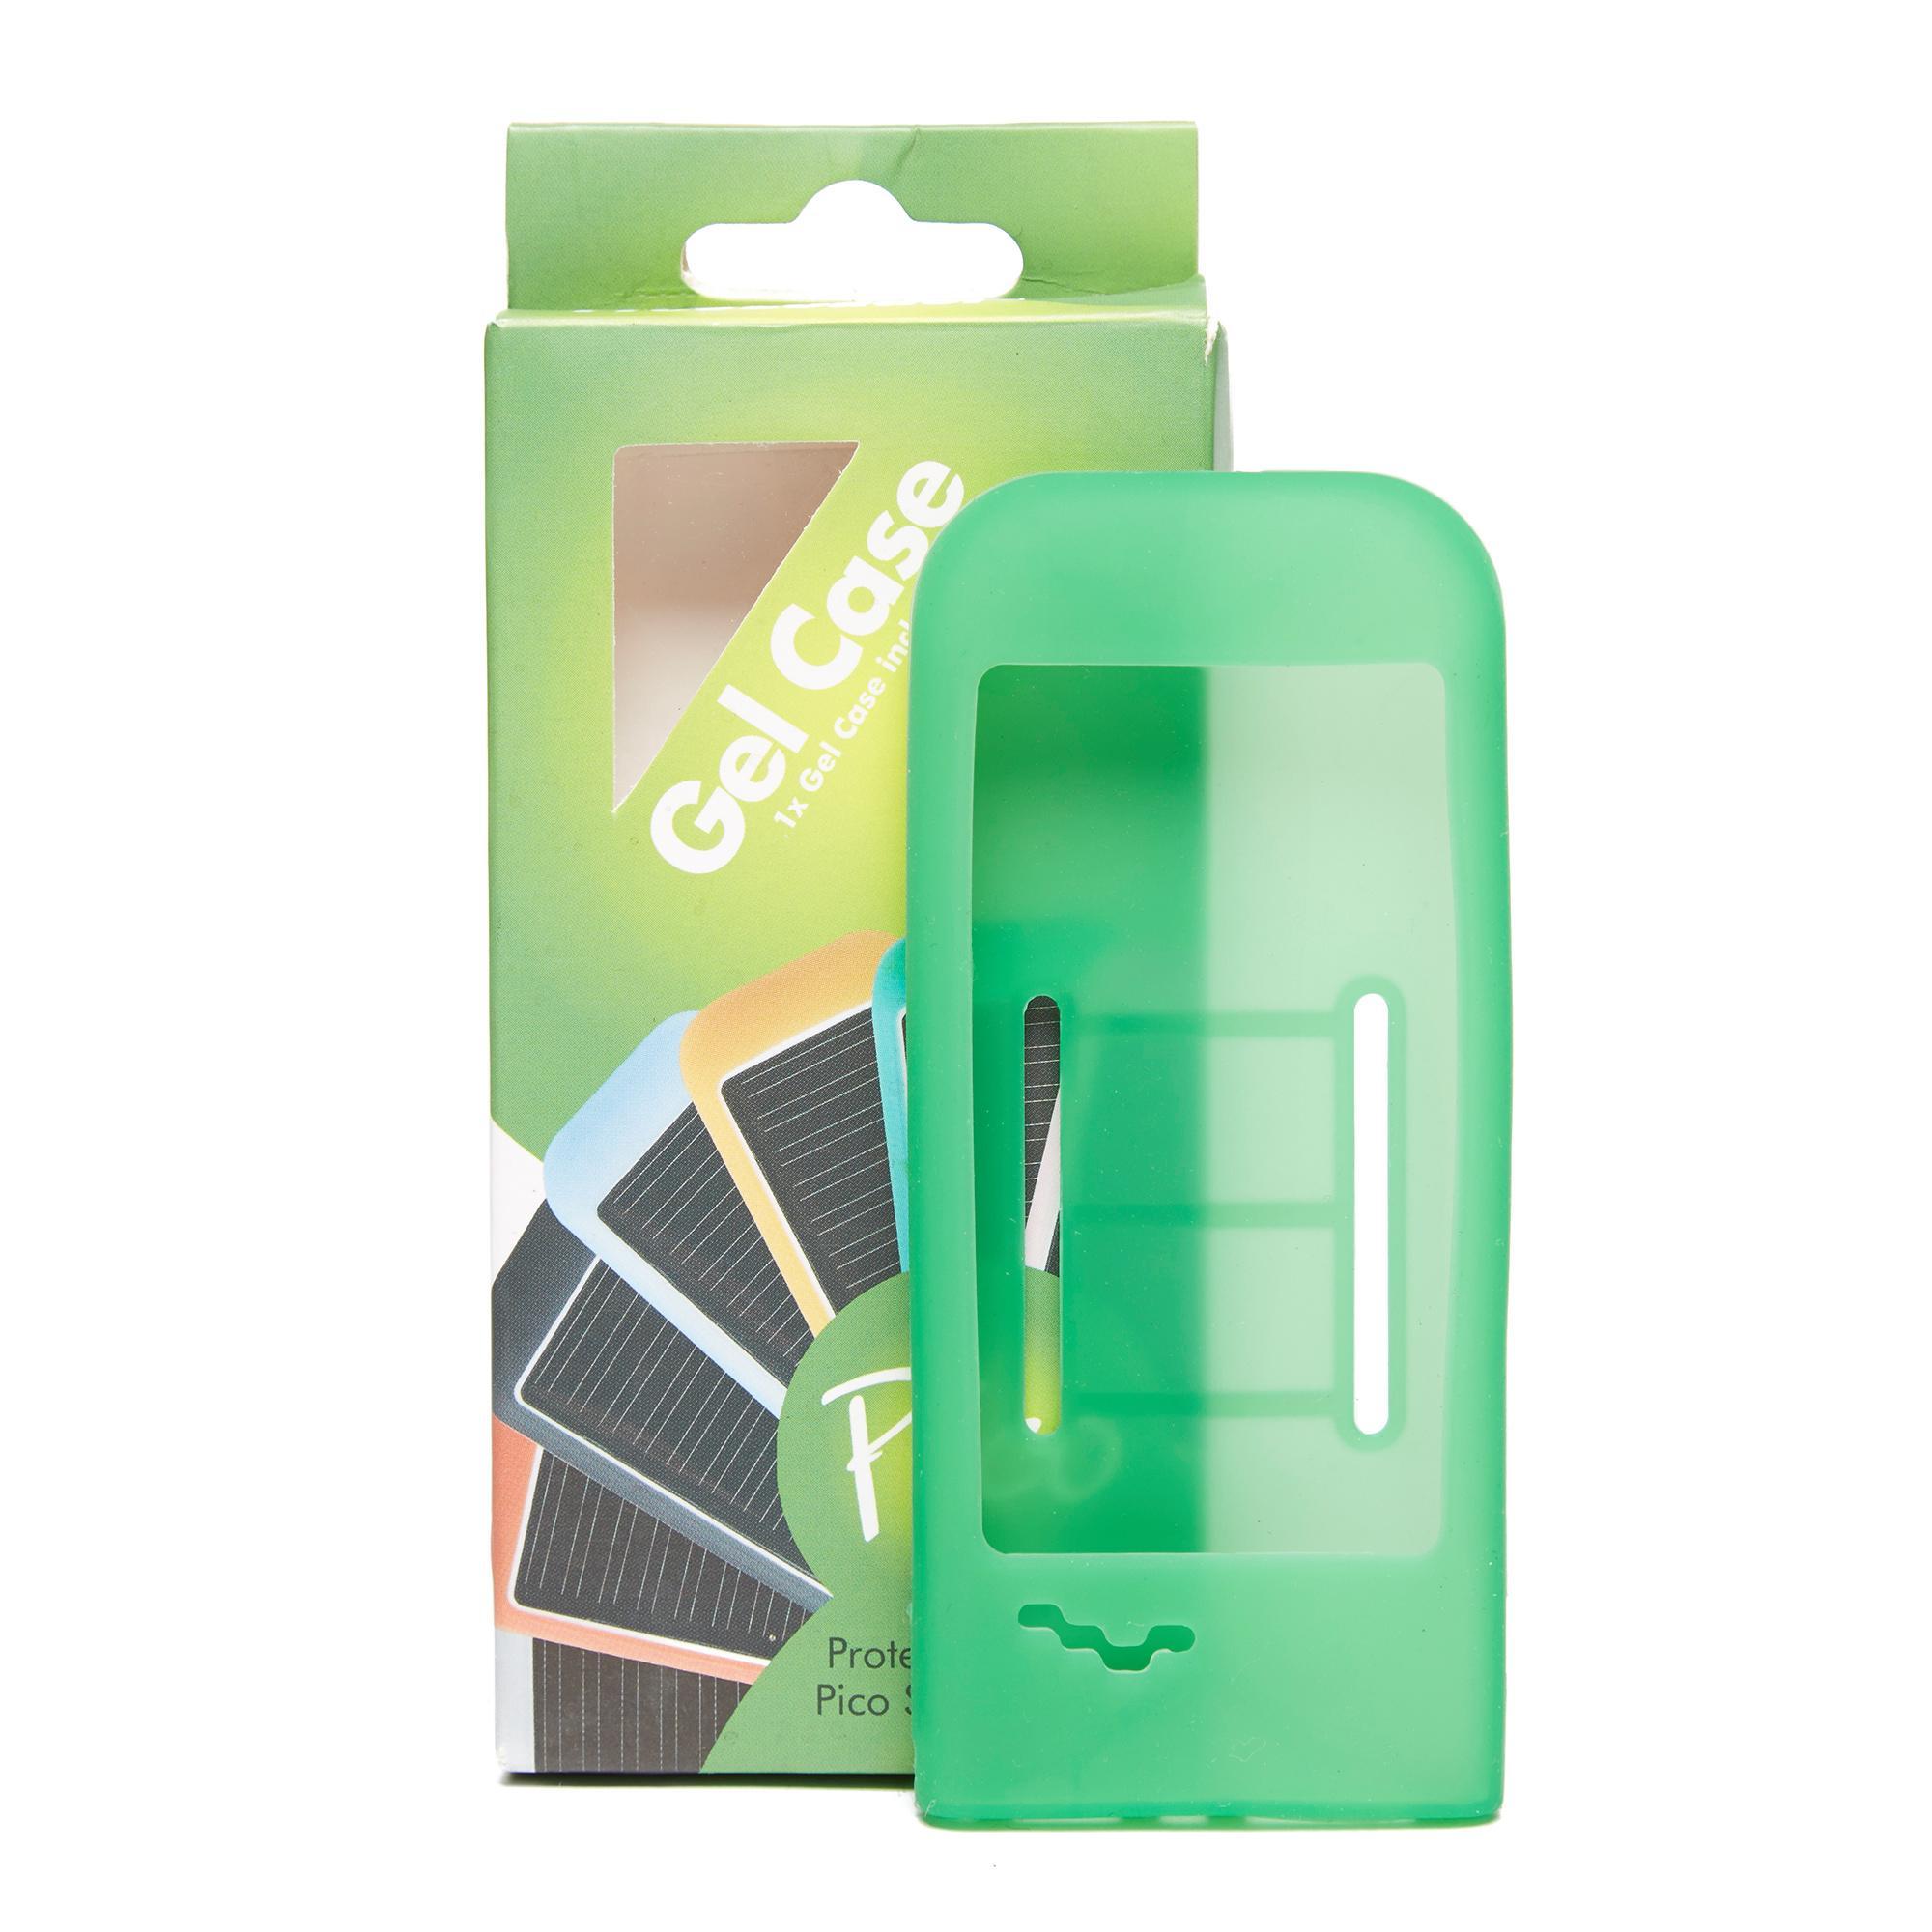 Freeloader Freeloader Pico Gel Case - Green, Green